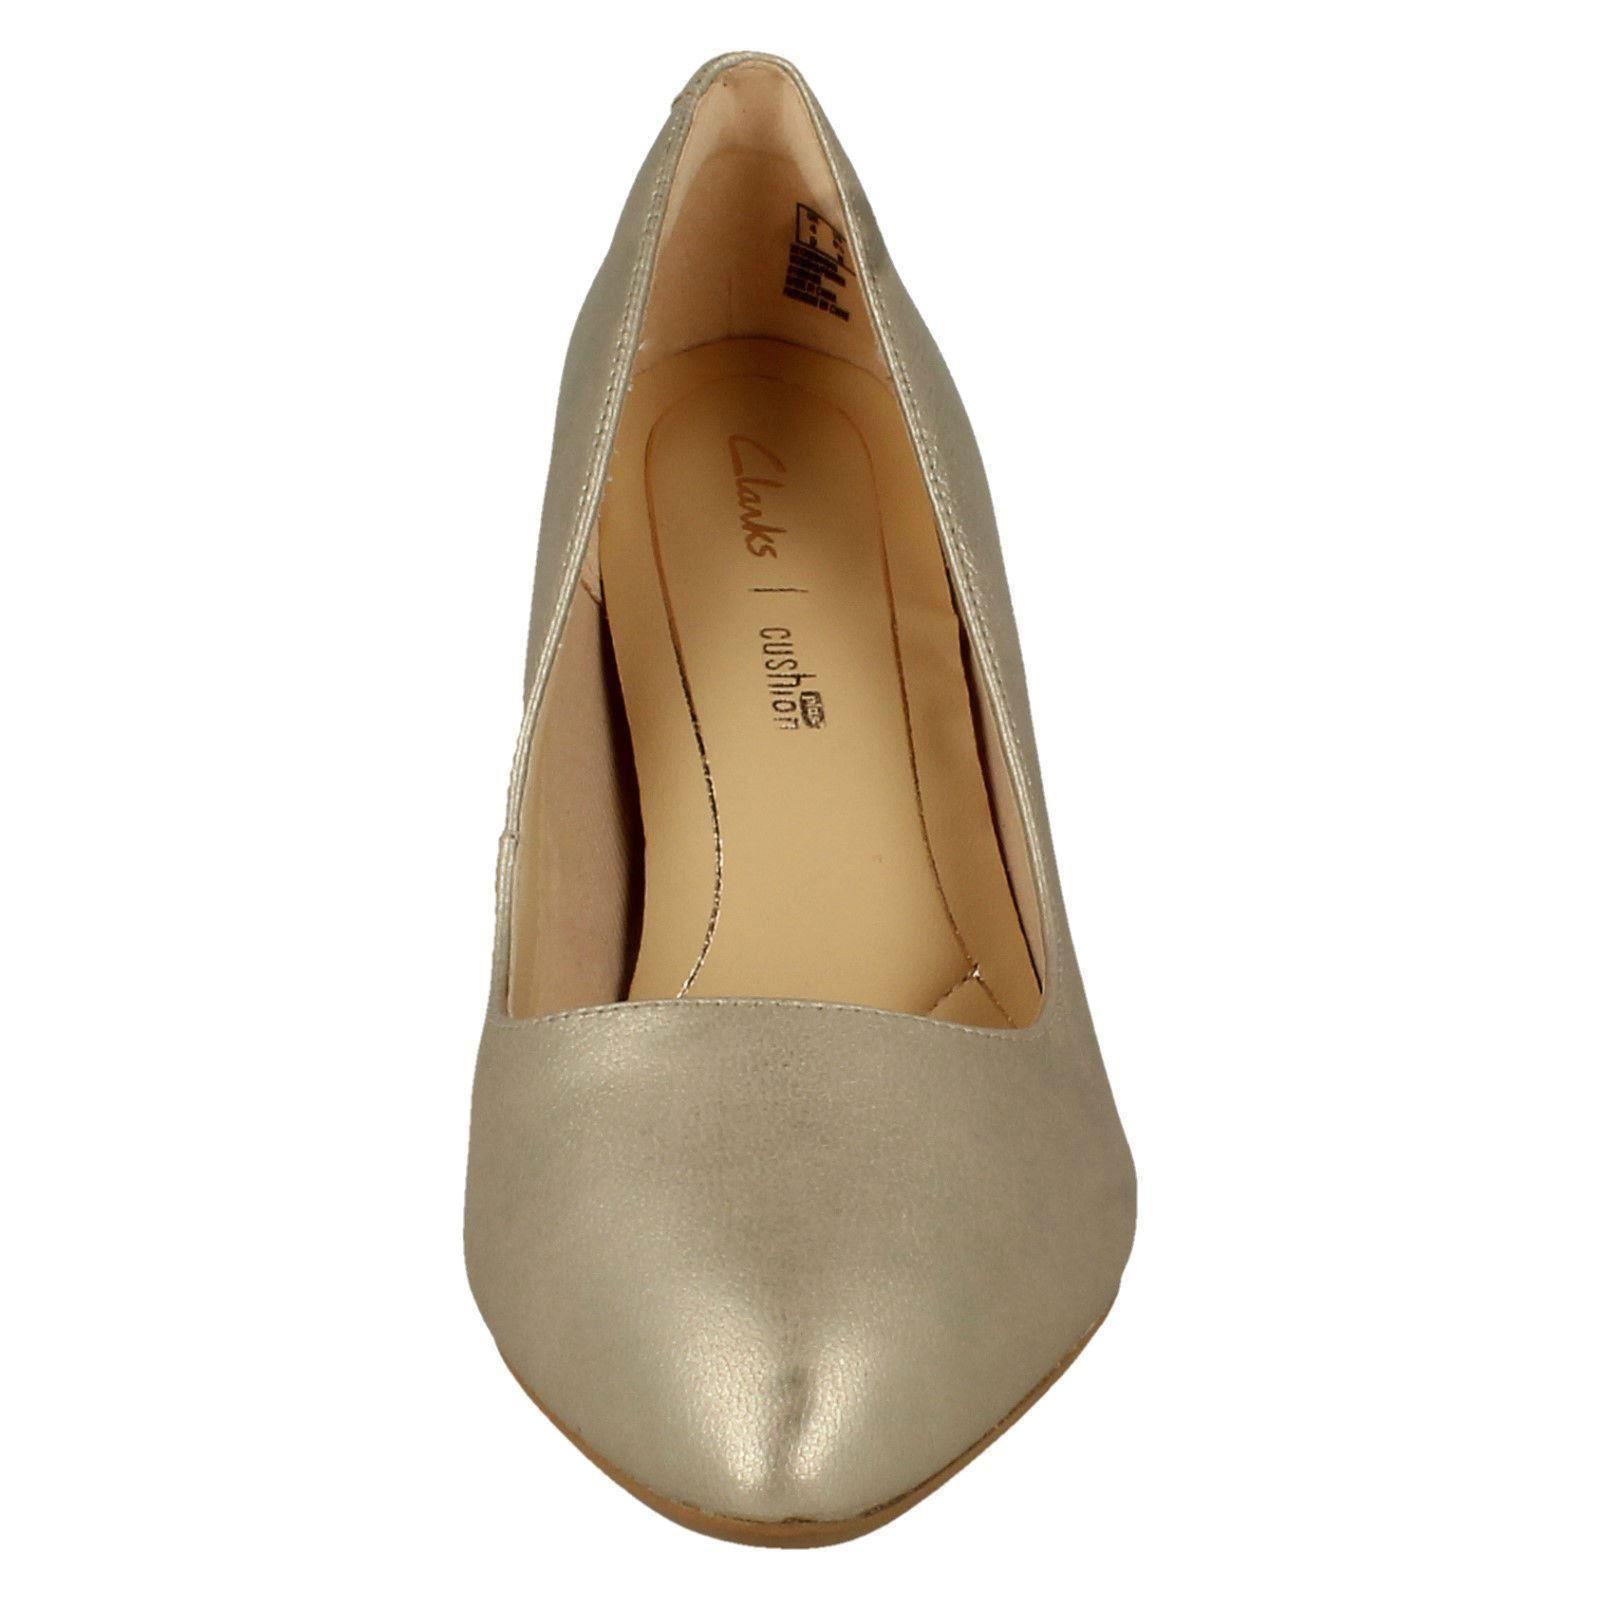 Ladies Clarks Heeled Heeled Heeled Court shoes 'Laina Rae' 0e83a4